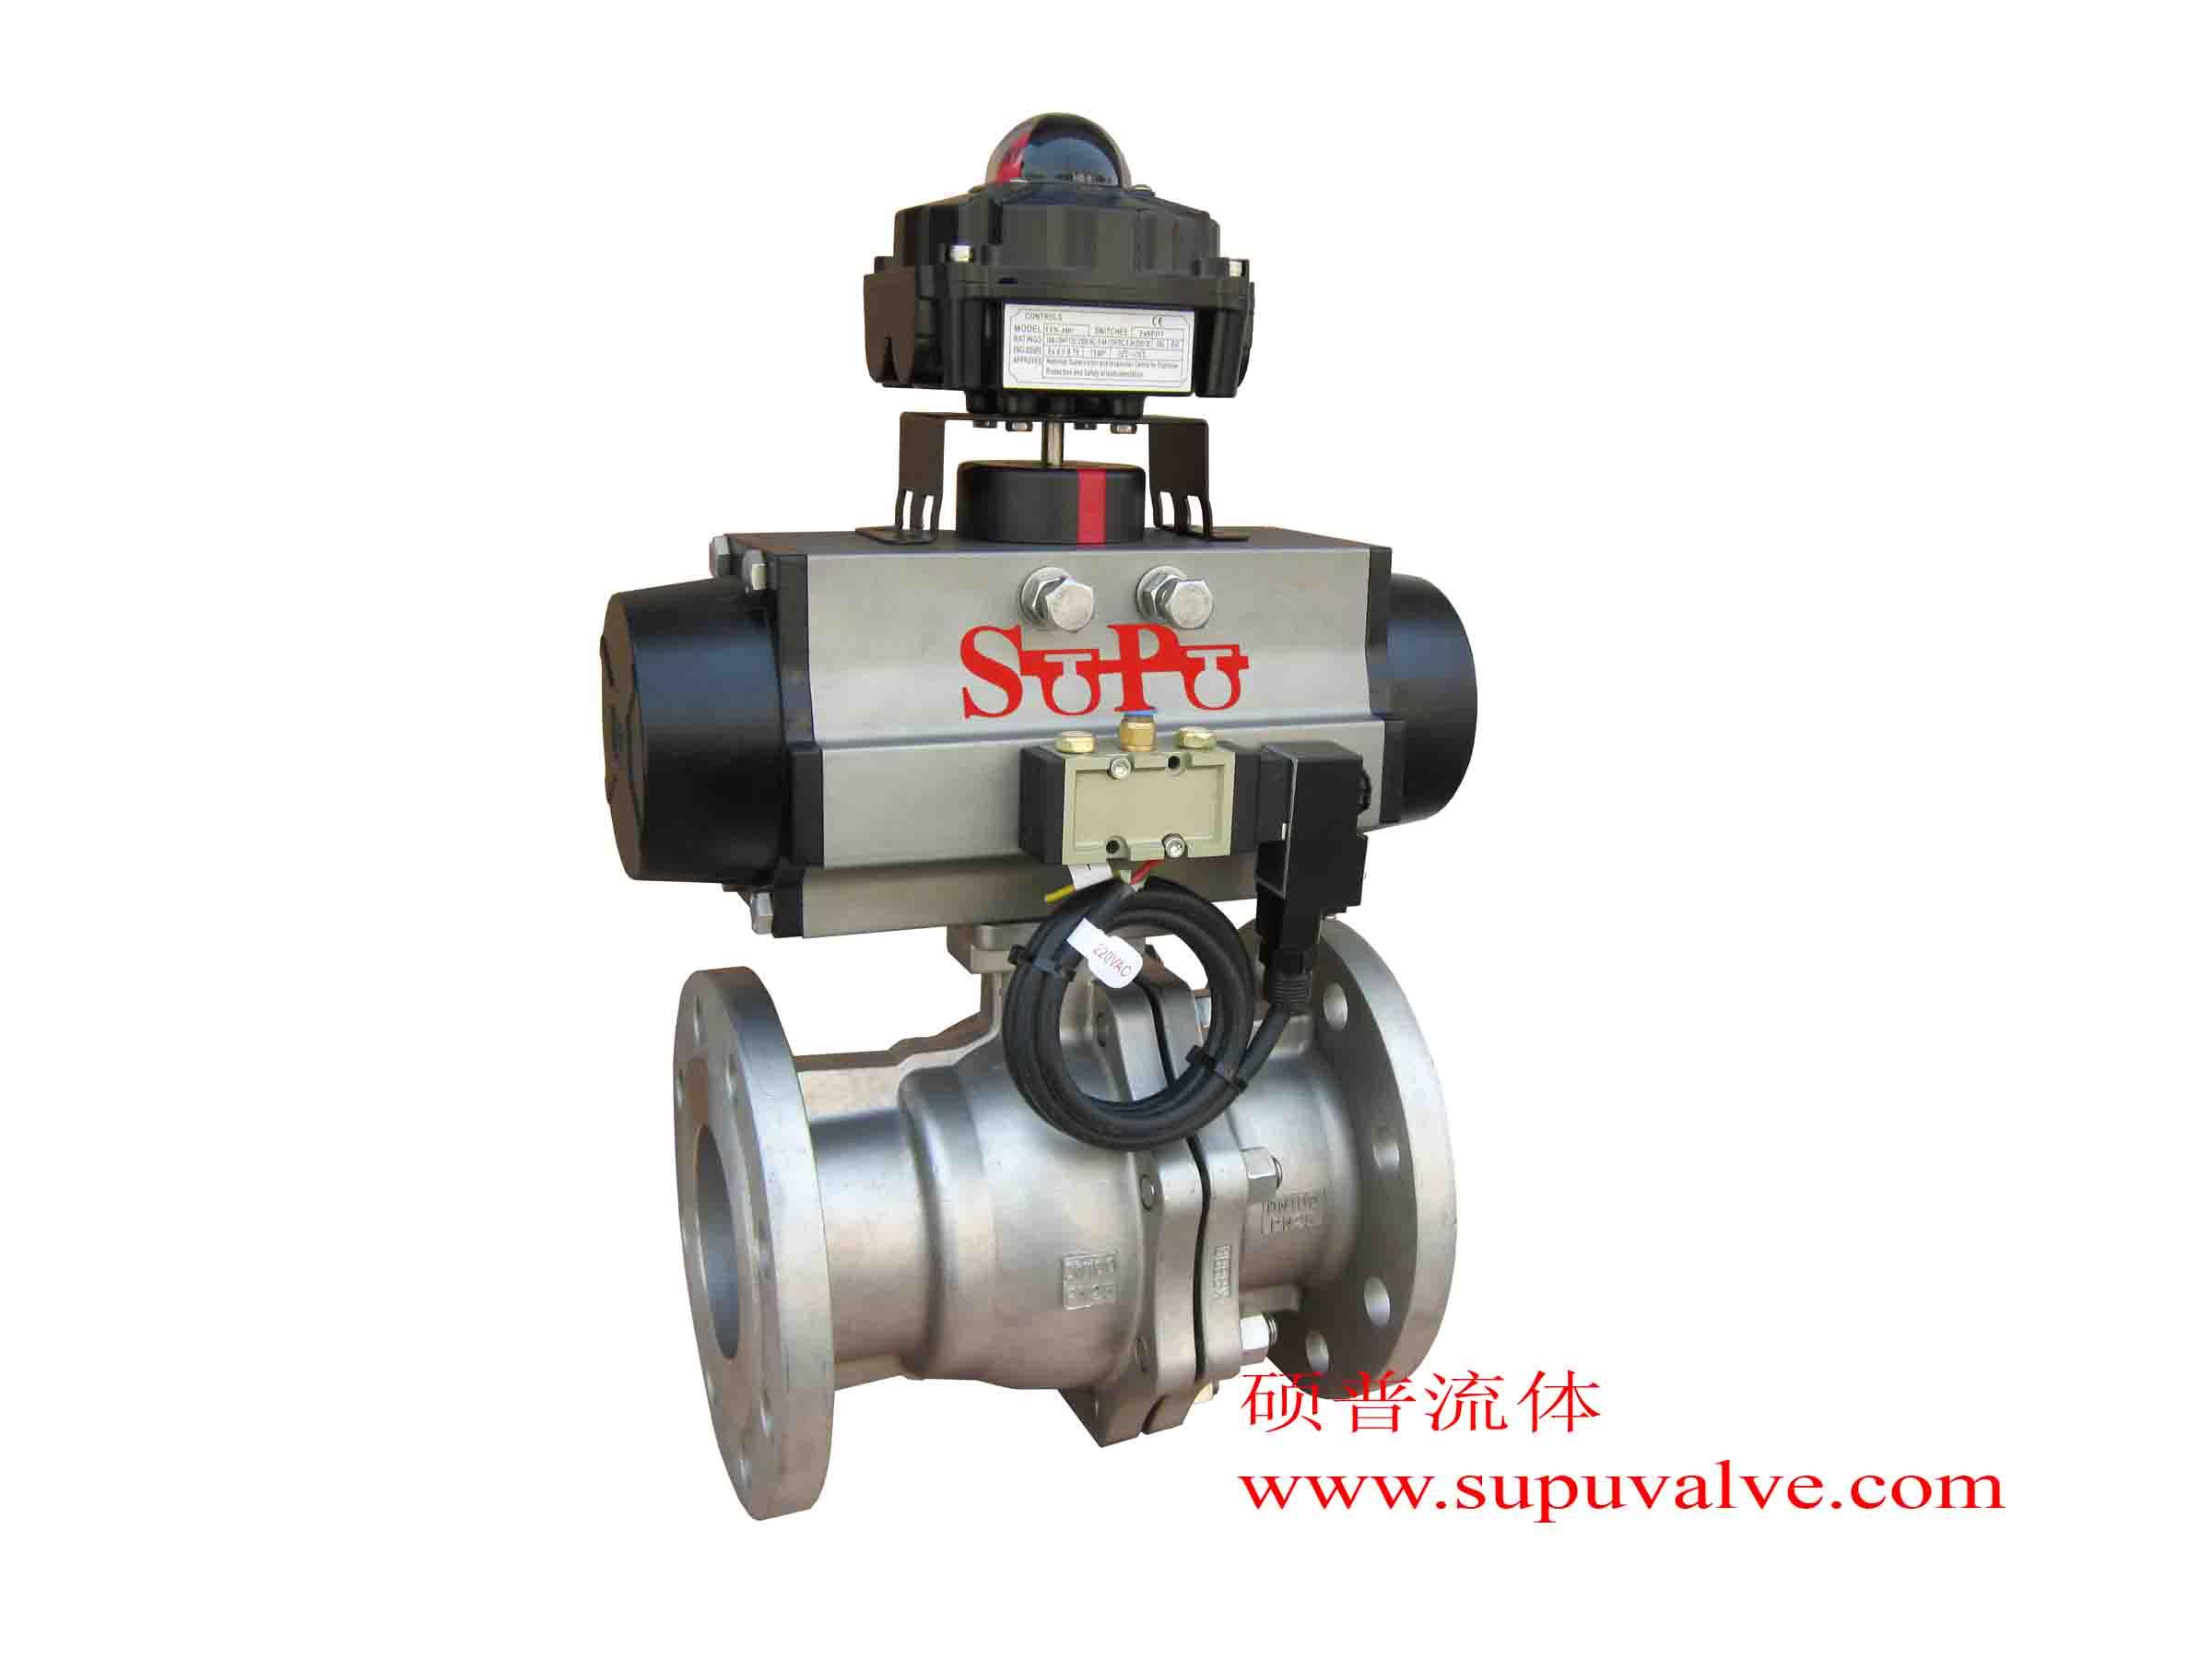 压缩空气(5-7bar)     ·可选附件:气源换向电磁阀,限位开关图片